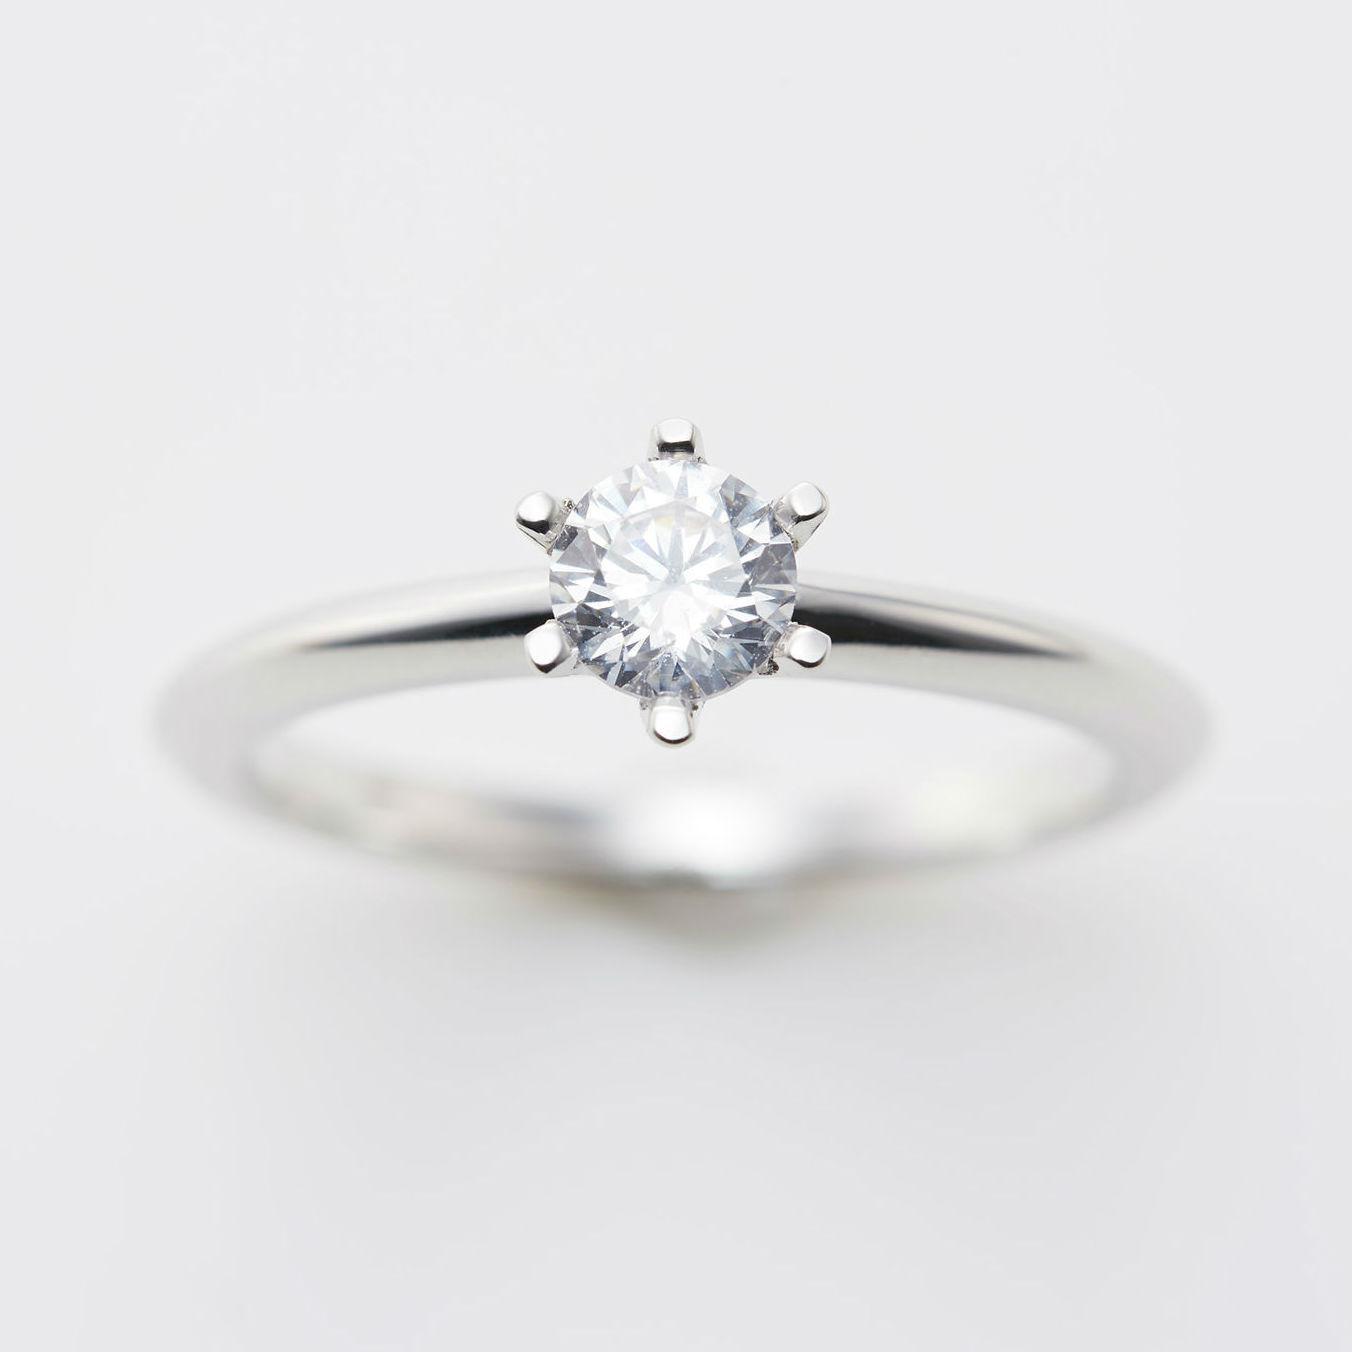 シルエットが美しいソリテールのシンプルな婚約指輪